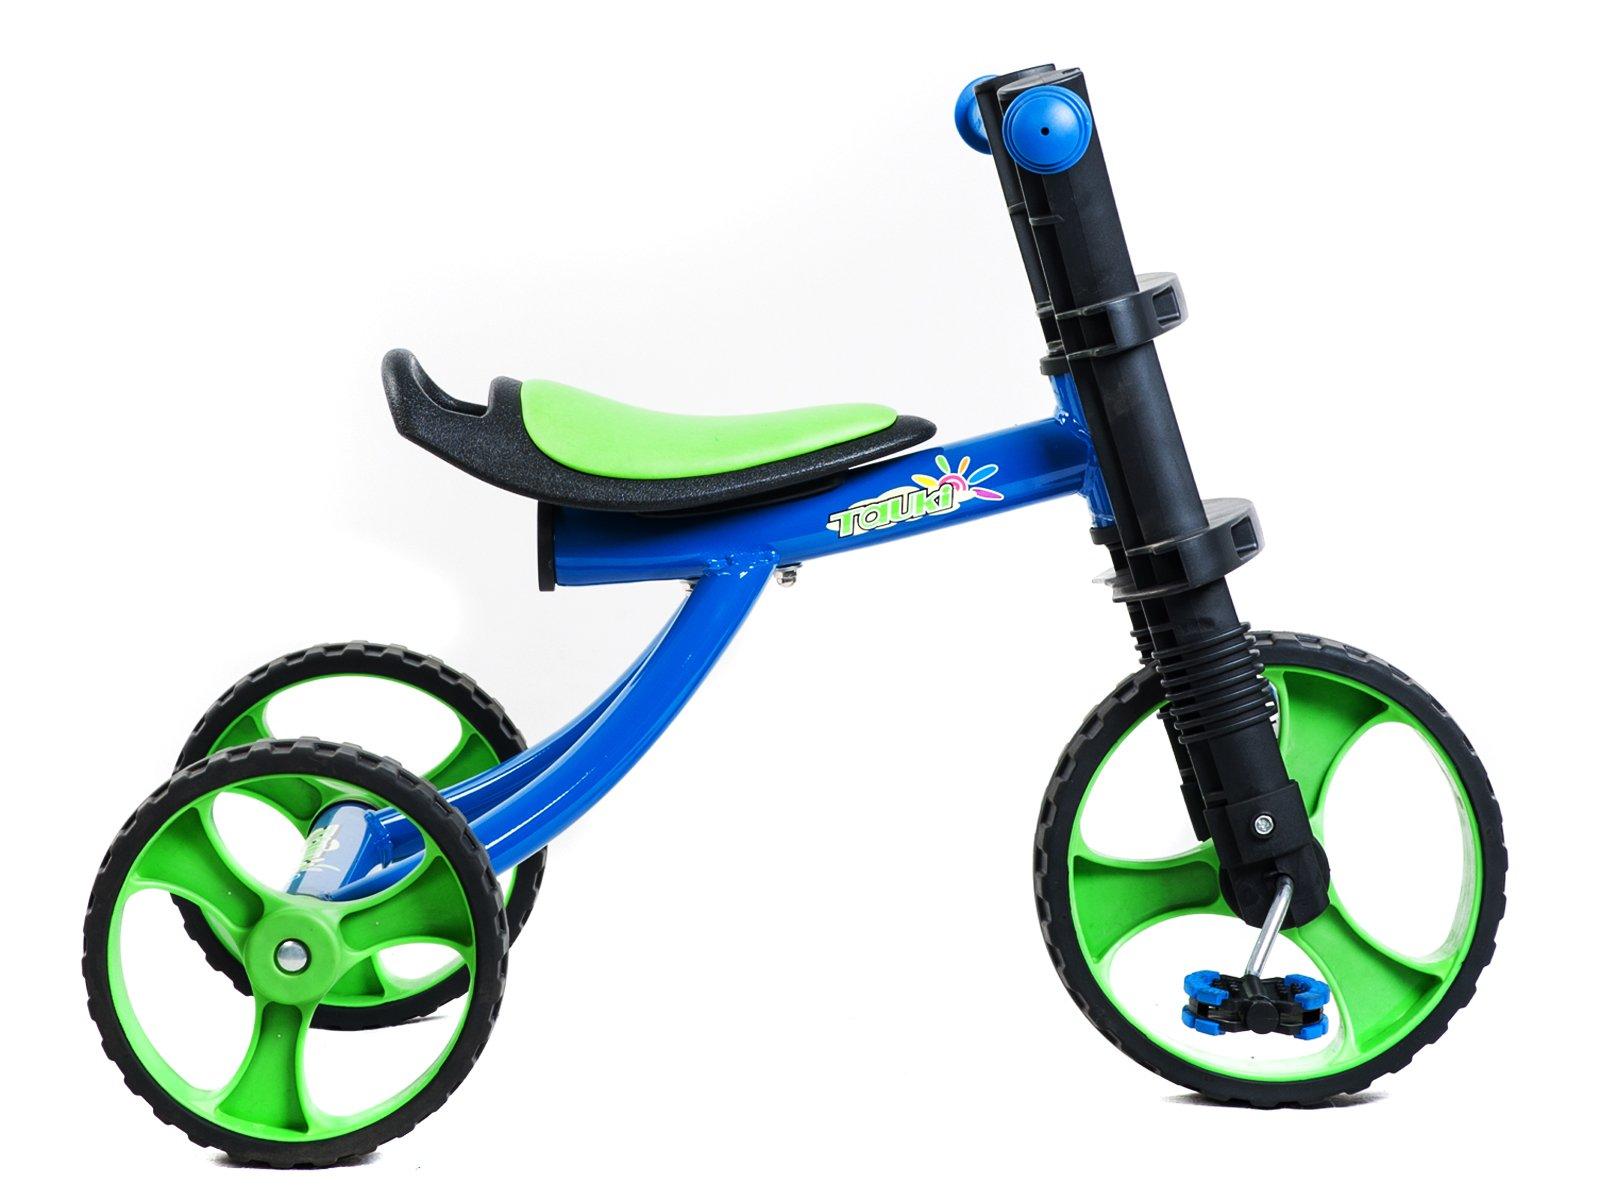 Tauki 12 Inch Kids Tricycle 3 Wheels Toddler Trike, Blue by Tauki